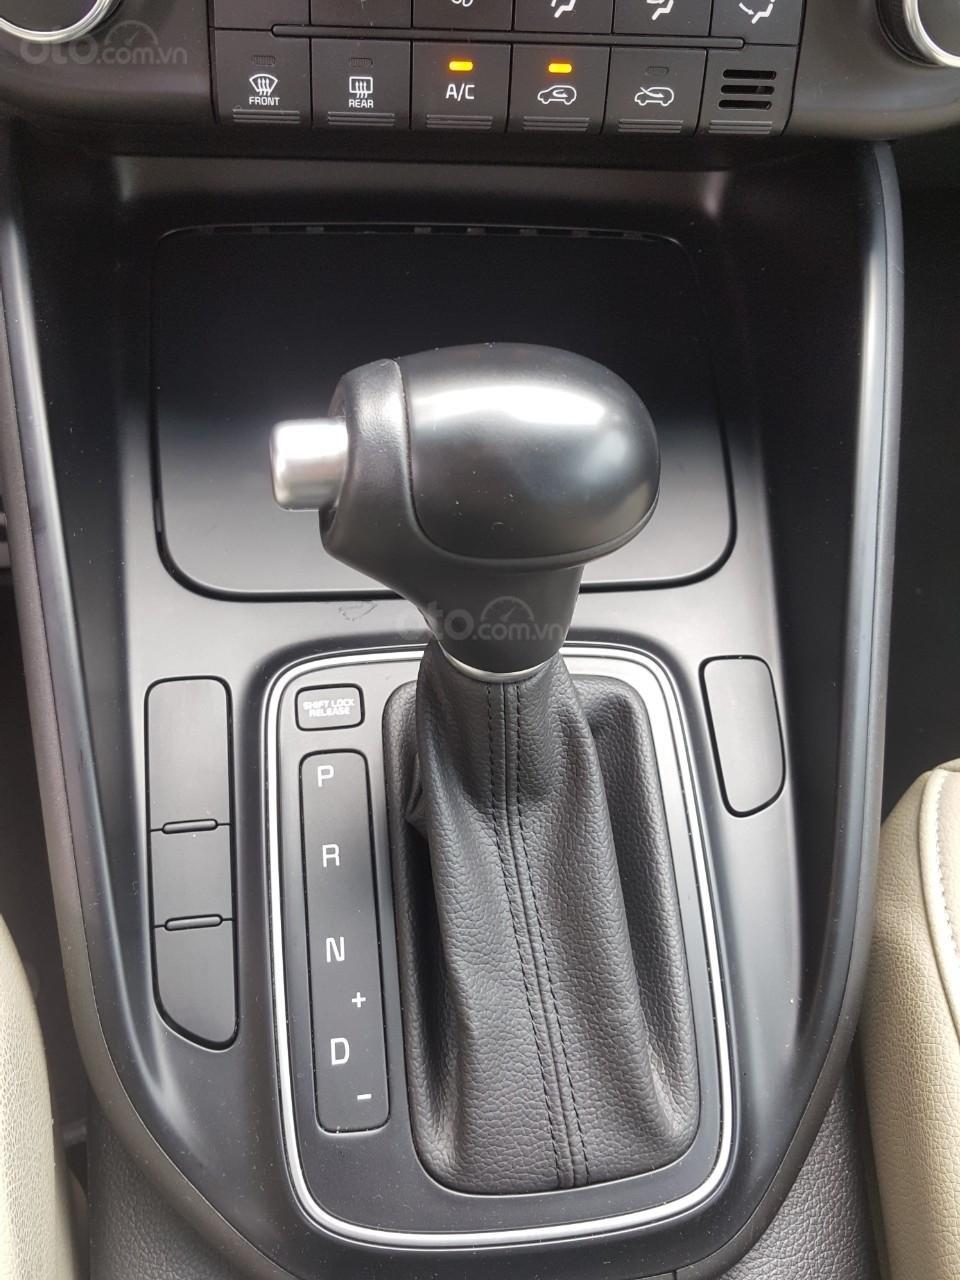 Bán Kia Rondo GAT 2.0AT màu trắng, máy xăng, số tự động, sản xuất 2018, đi 23000km (8)